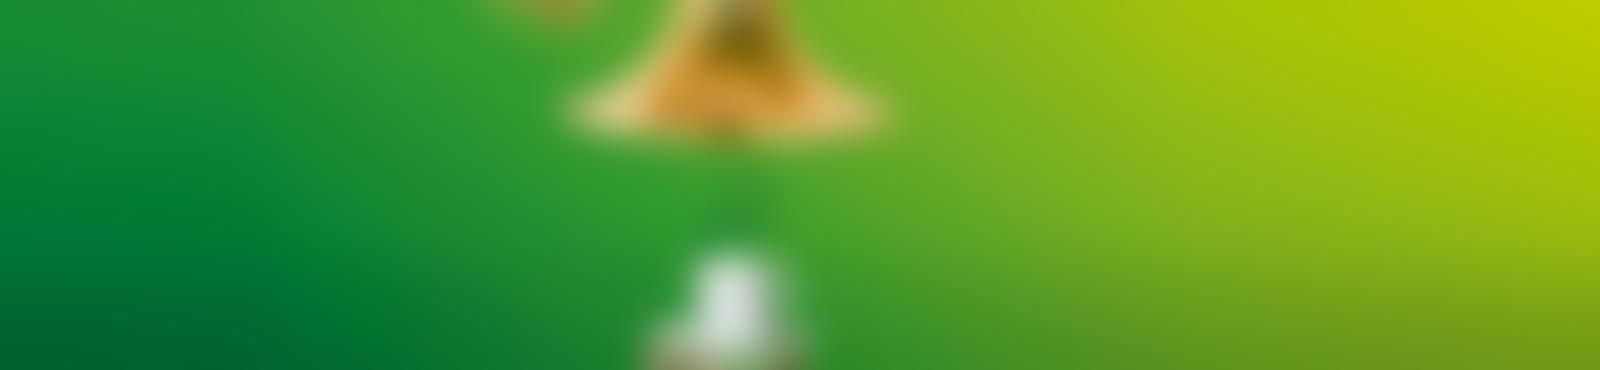 Blurred 224656dc ce70 4f2e ada7 24b5e29e93c9